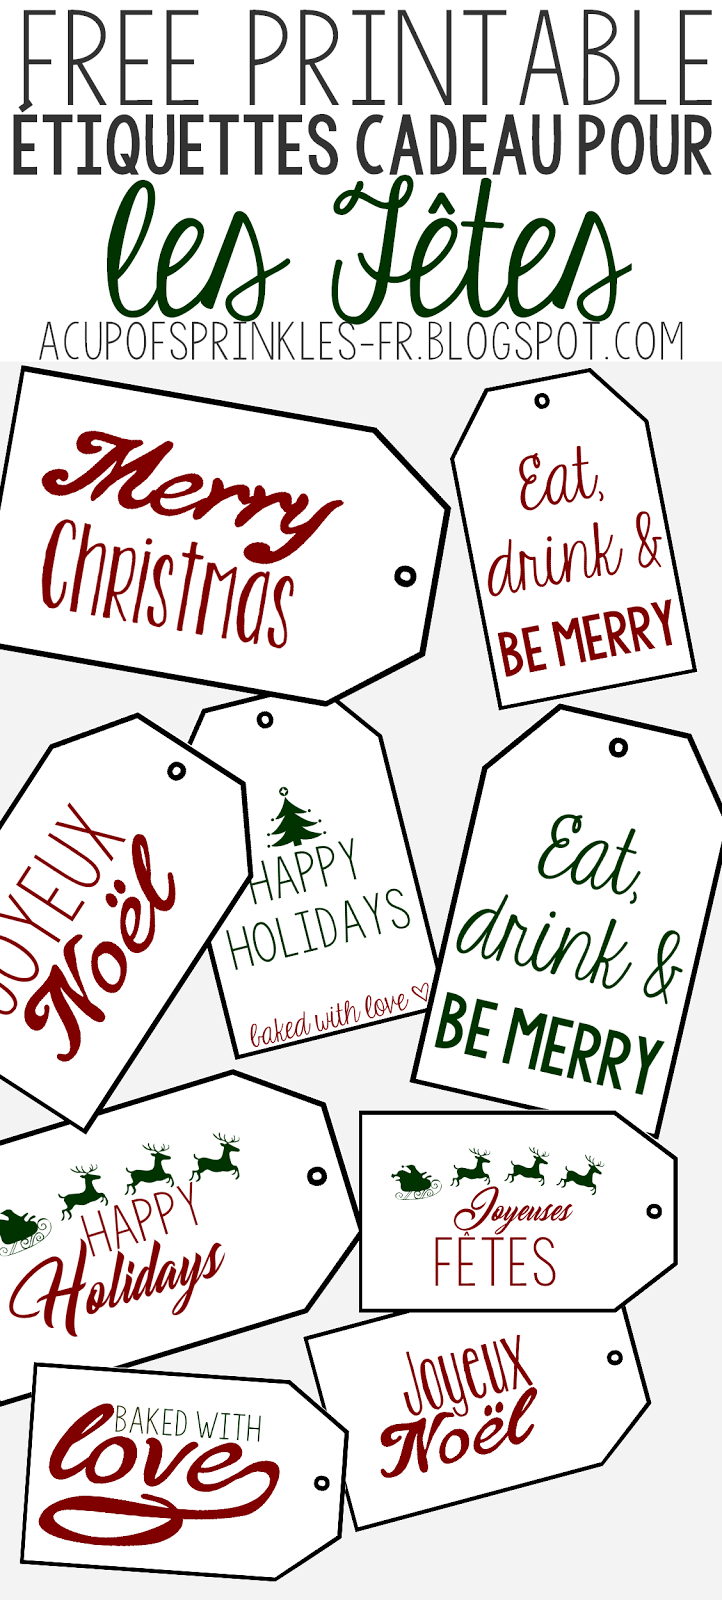 À Imprimer : Etiquettes De Noël Pour Cadeaux Gourmands | A dedans Etiquette Cadeau Noel A Imprimer Gratuitement